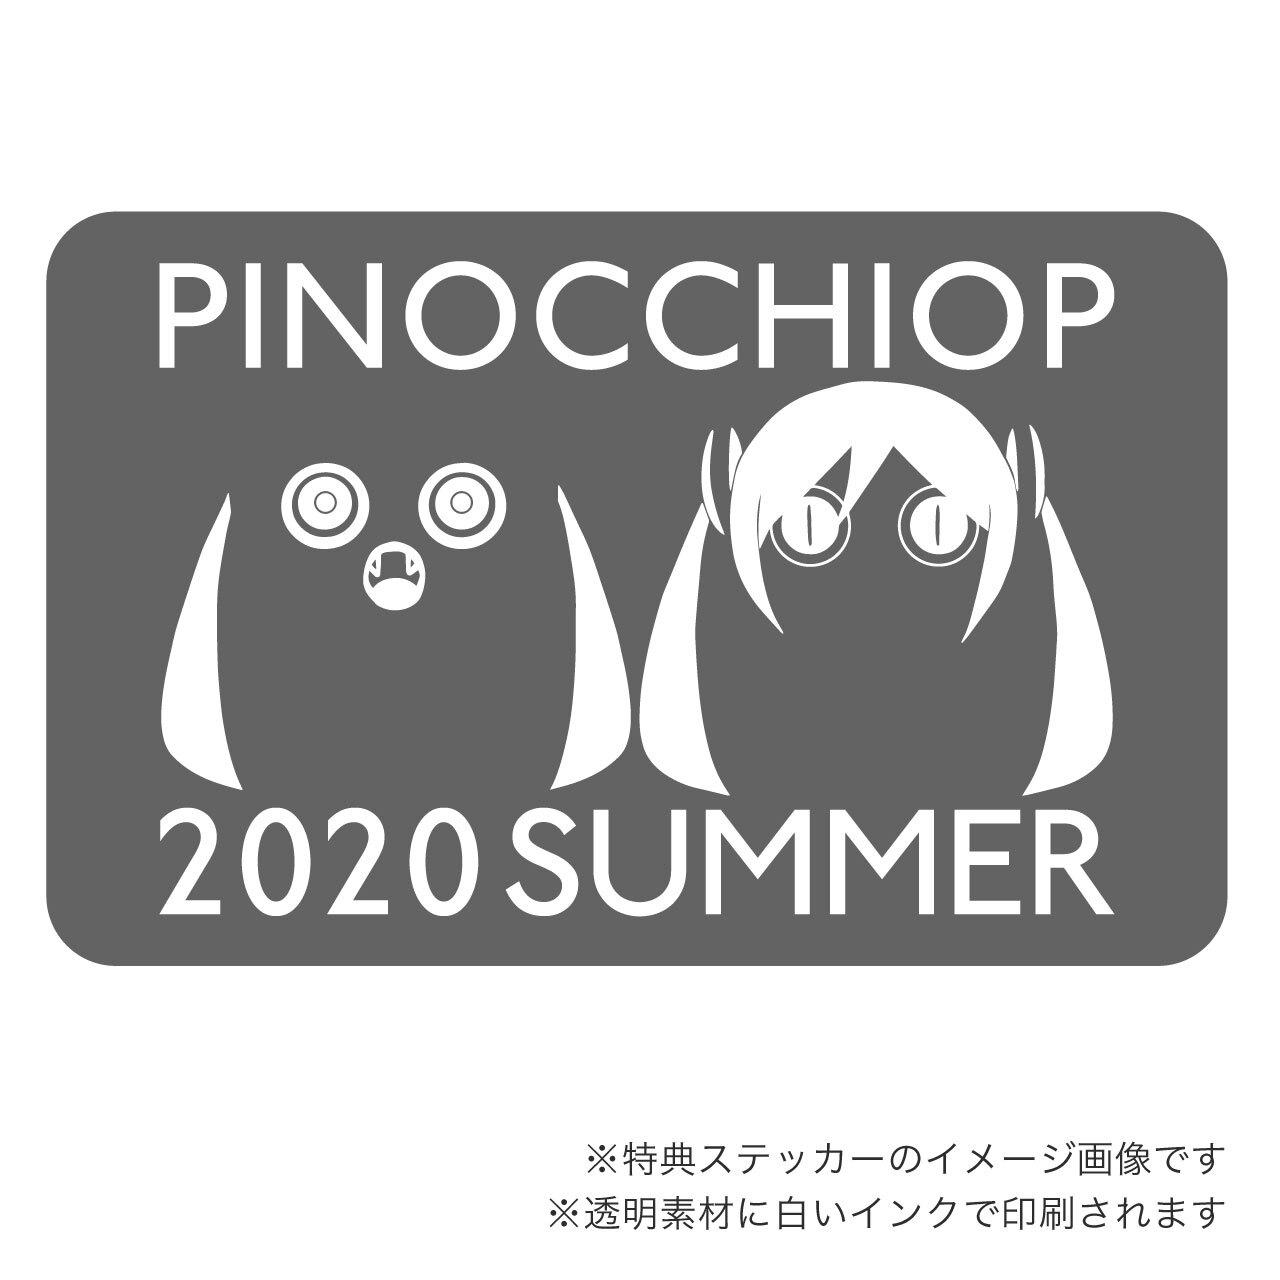 【受注生産再販】ピノキオピー - 八八 -パチパチ-  Tシャツ(バニラホワイト)+ステッカーセット - 画像3